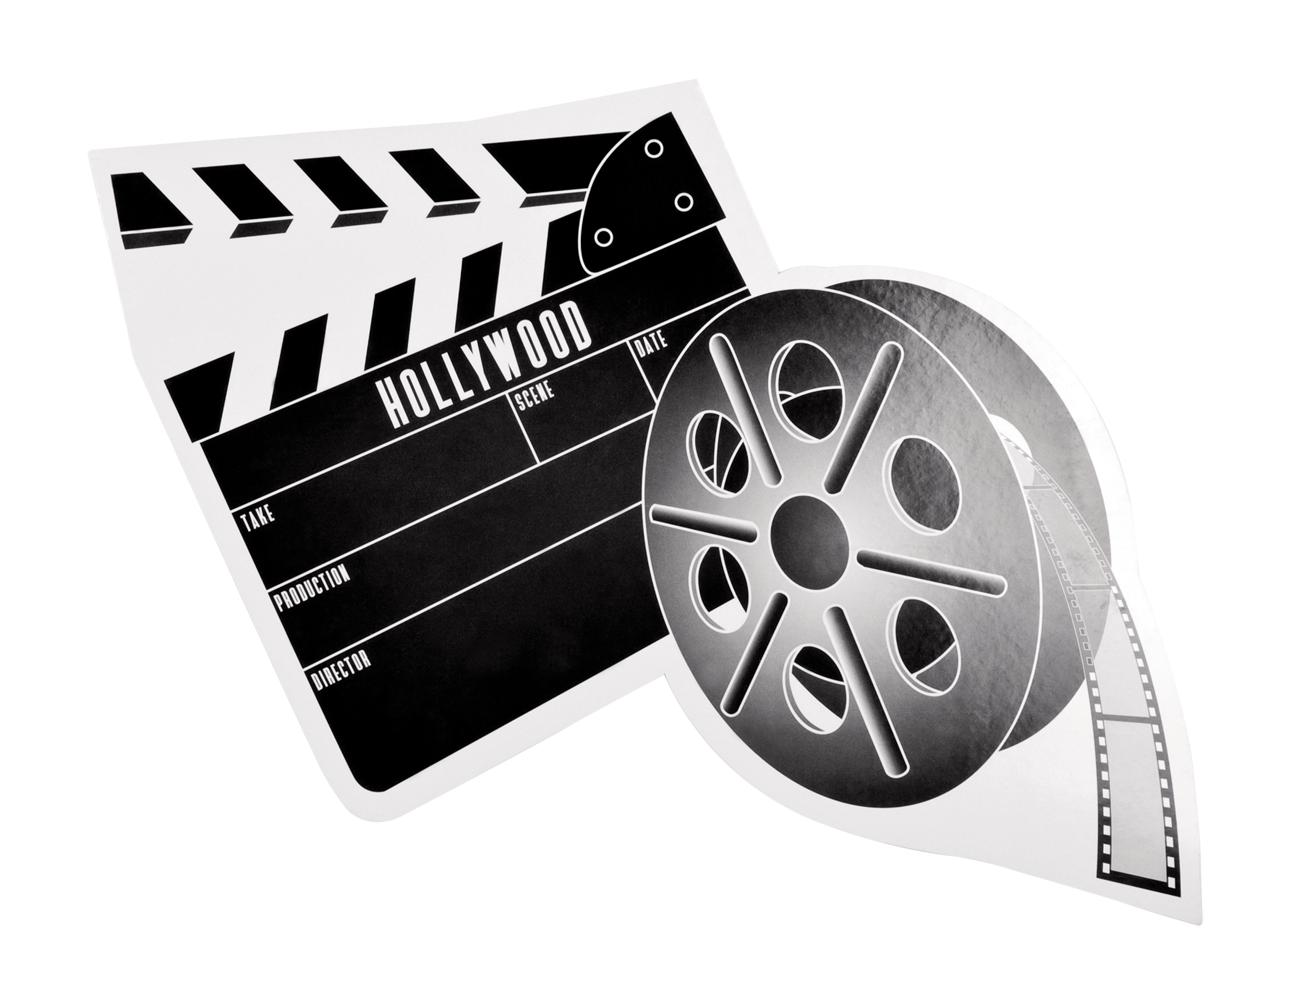 Vidéaste / Monteur vidéo recherché